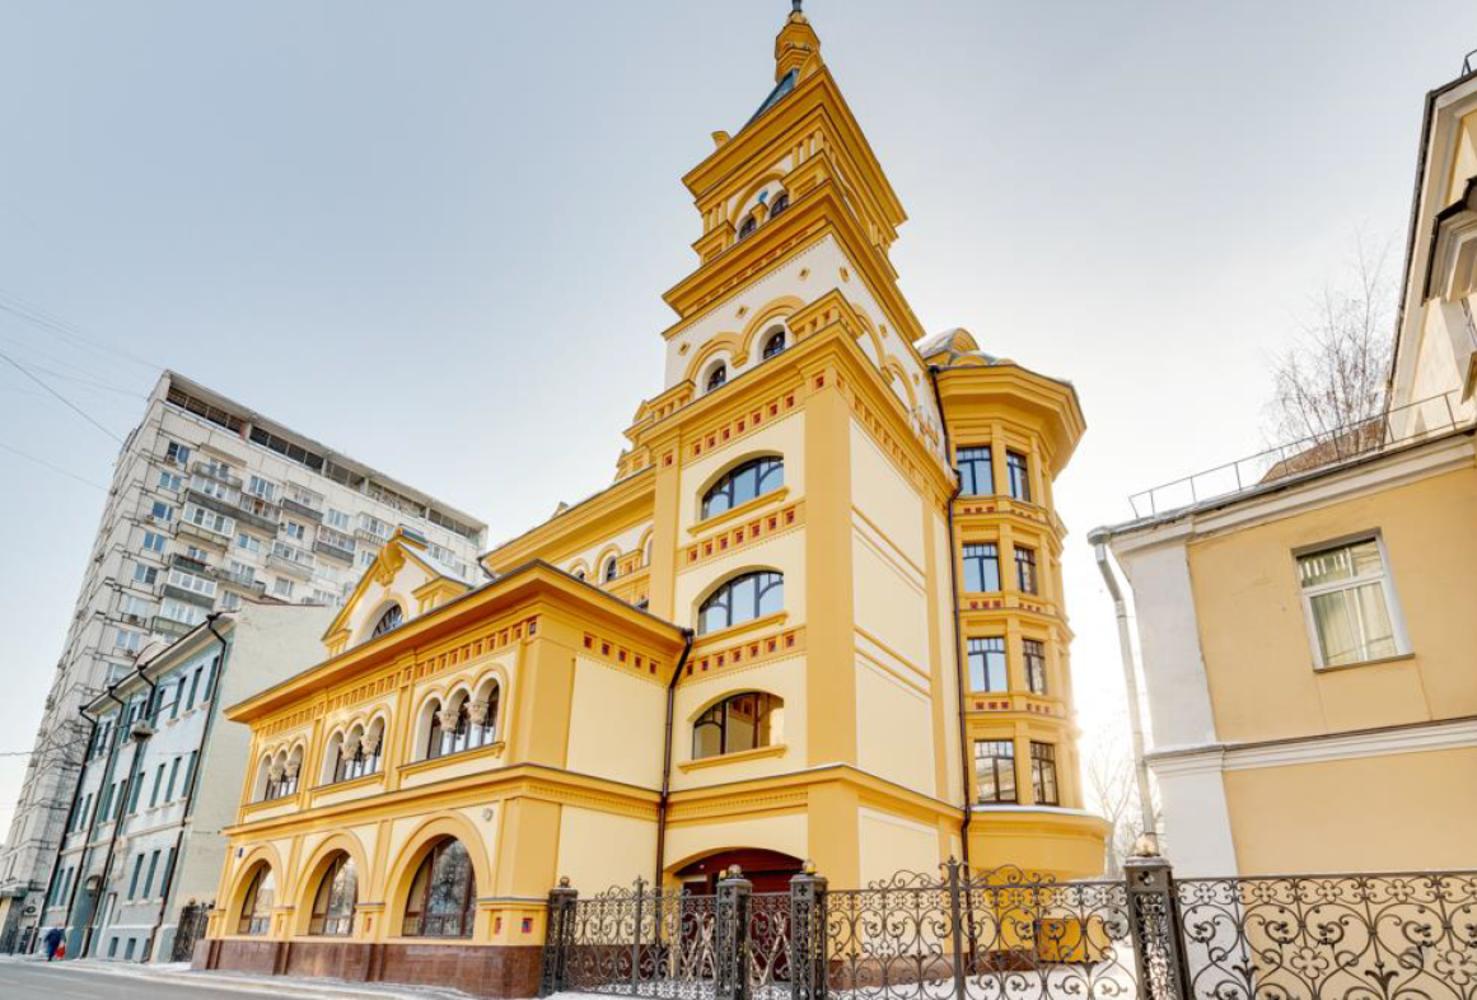 Офисная недвижимость Москва, 613310 - 1-й Хвостов пер. 5 - 1